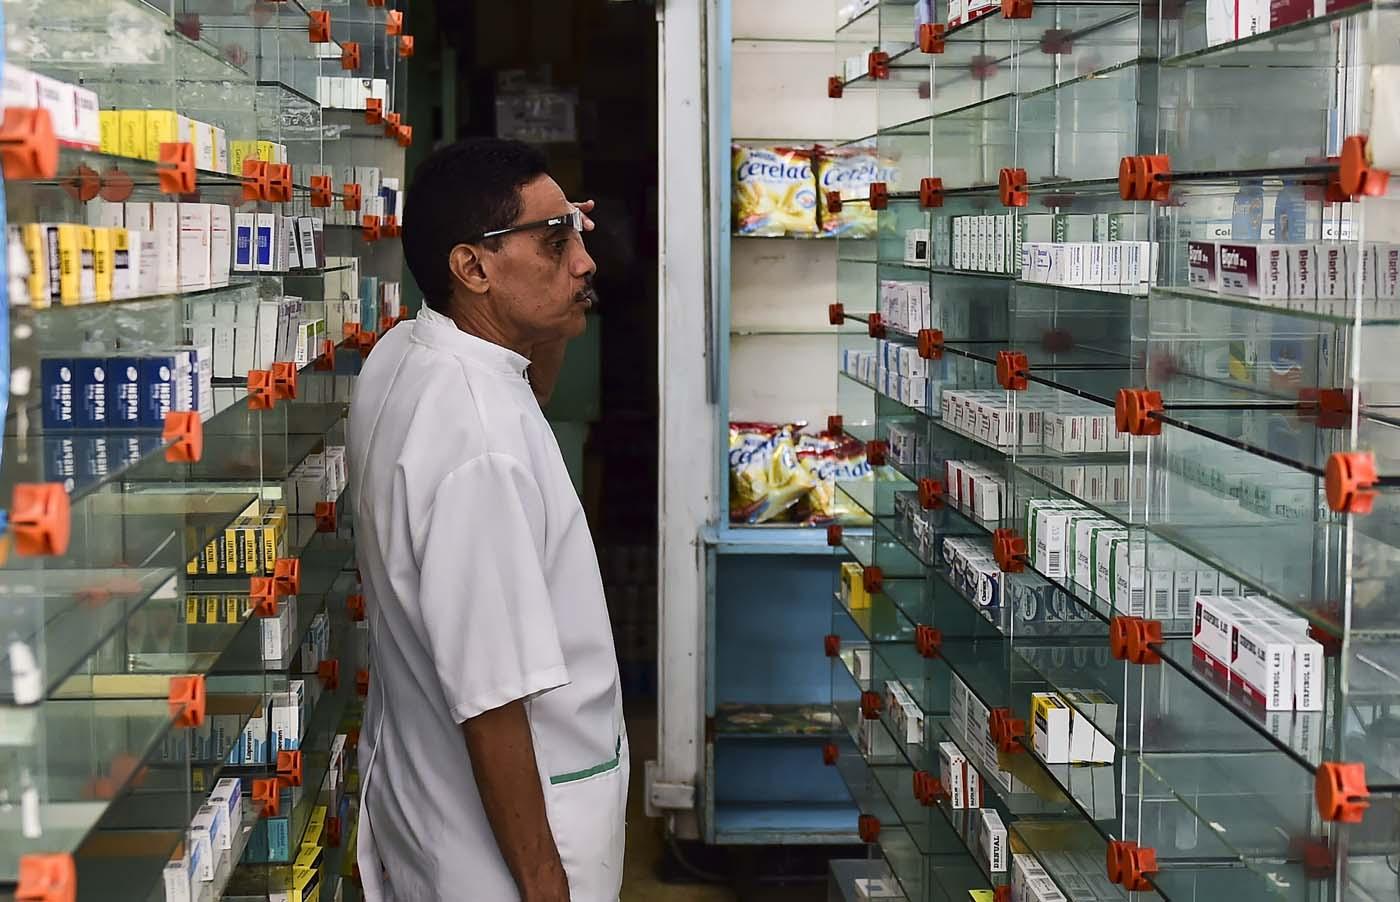 Producci__n_de_medicinas_sigue_paralizada_en_el_pa__s_y_se_aviva_la_escasez.jpg